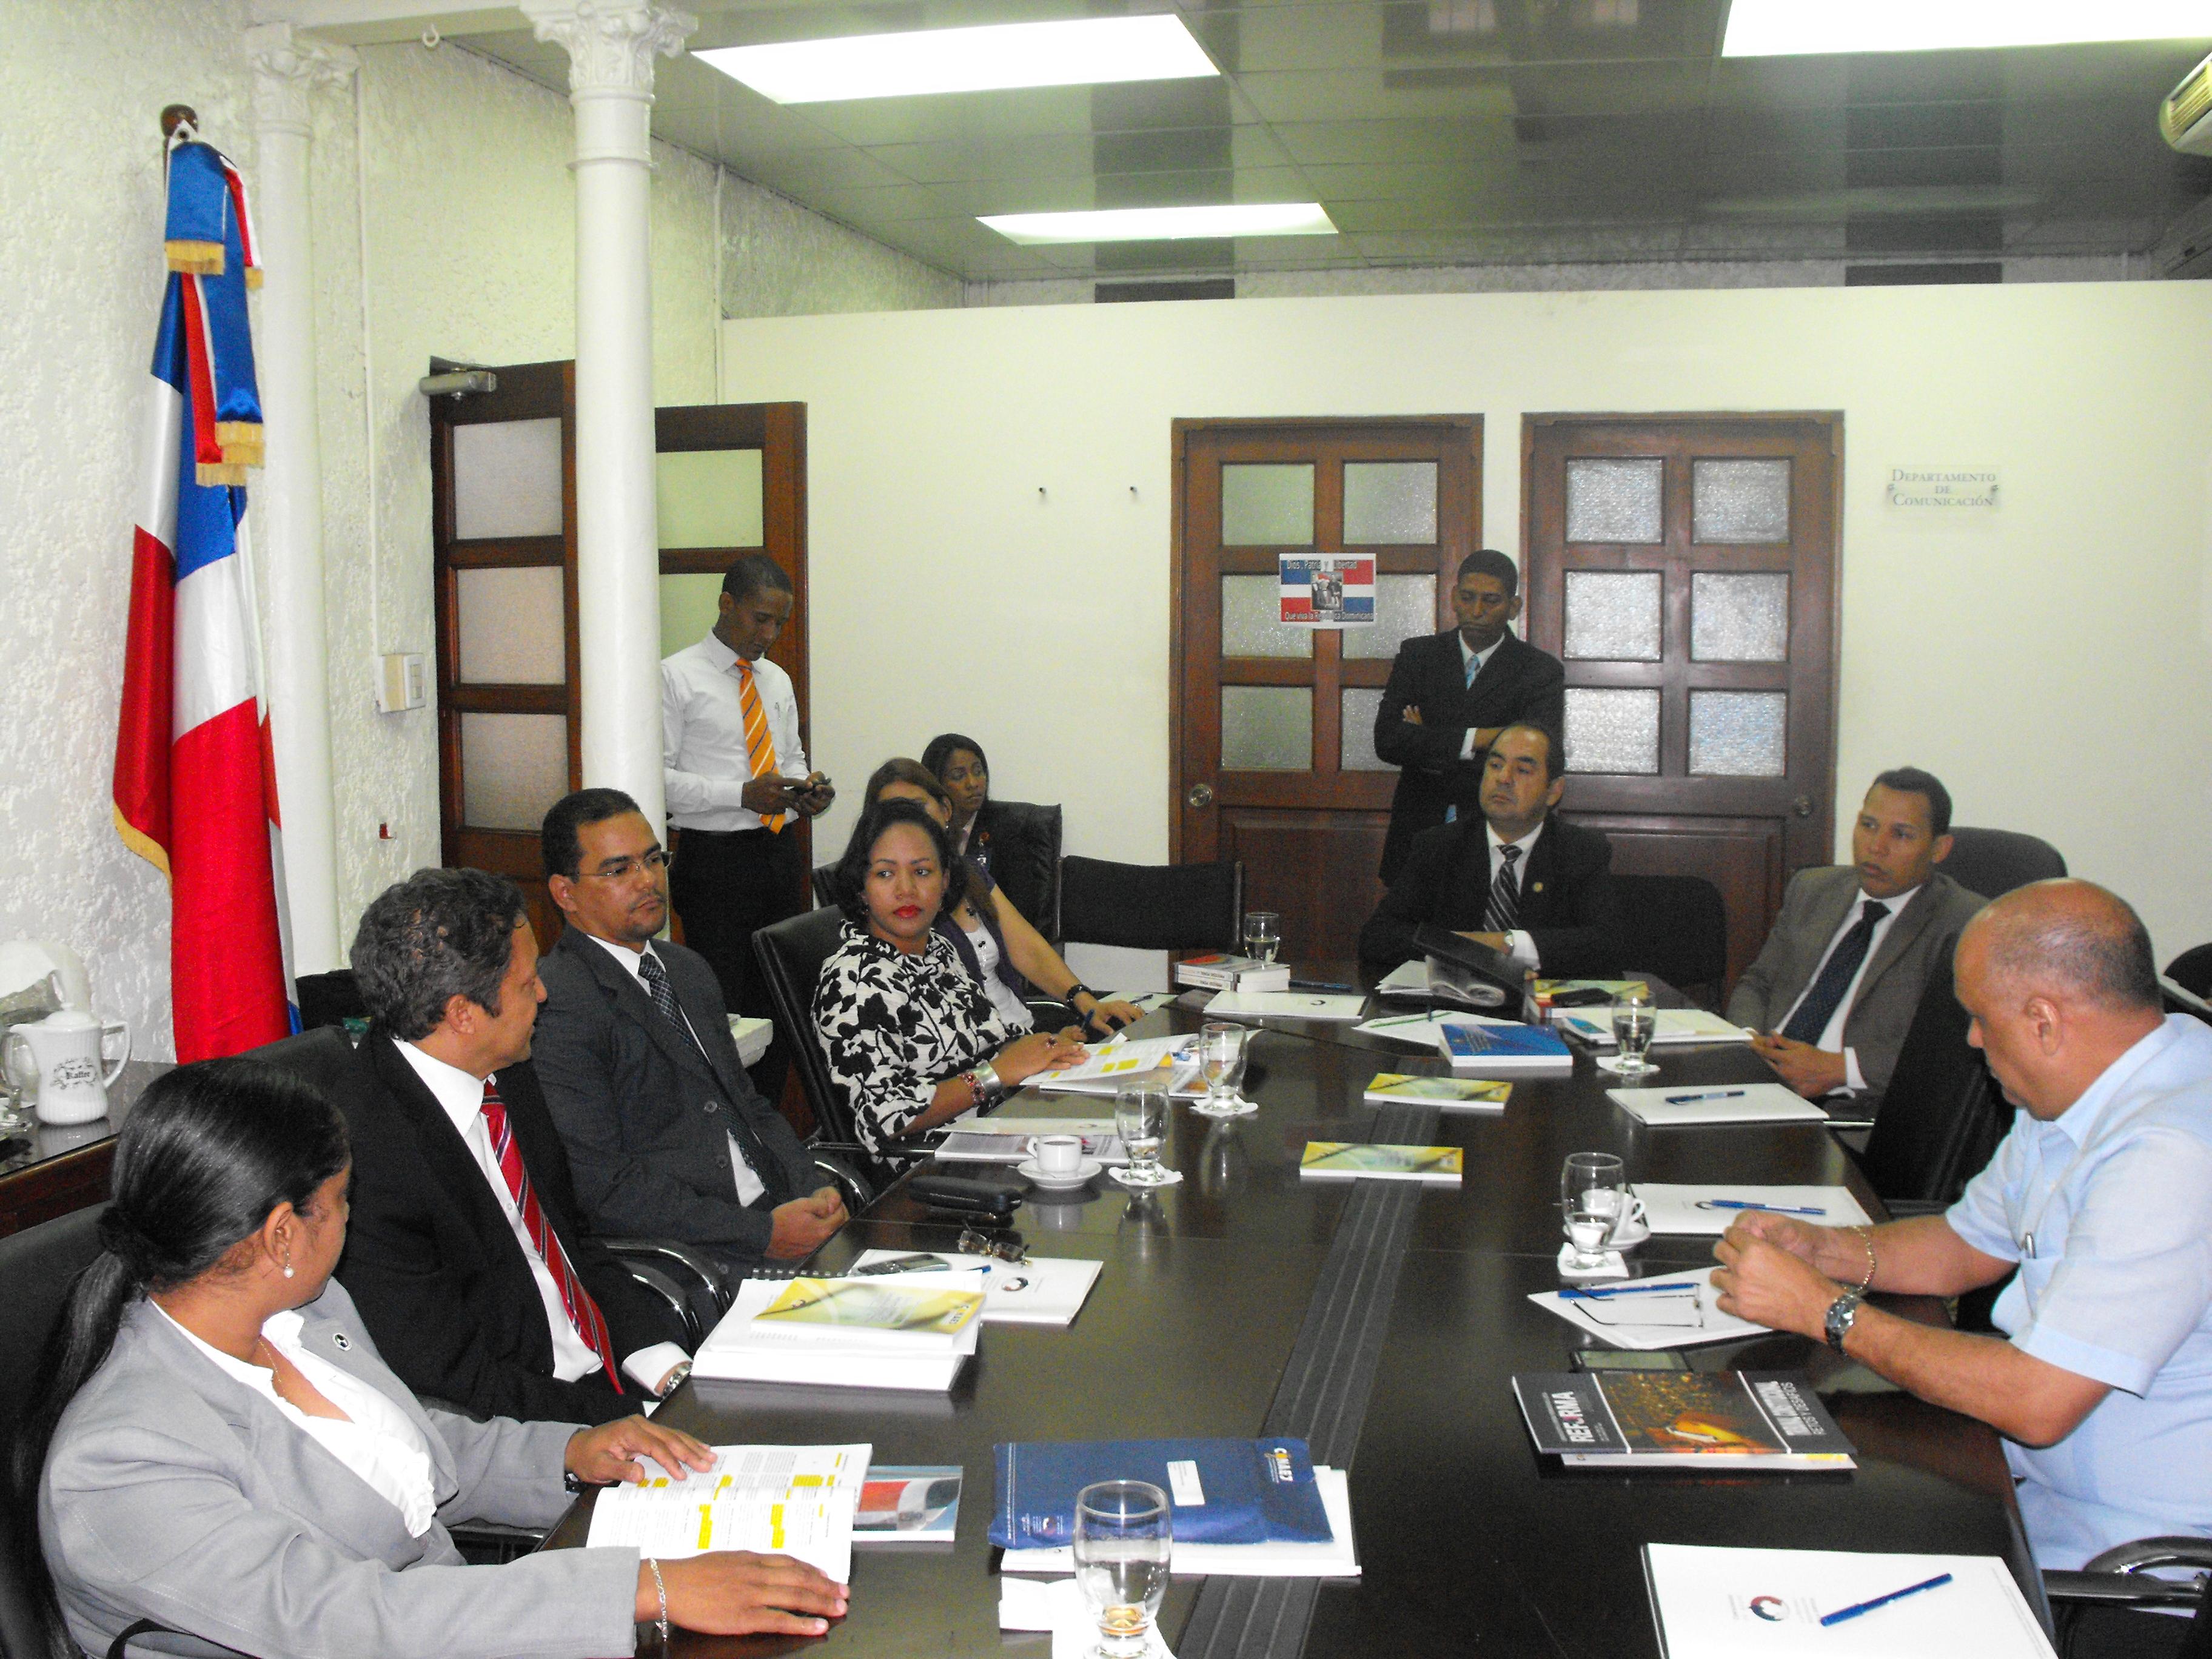 Juristas y expertos analizan aspectos Reforma Procesal Penal